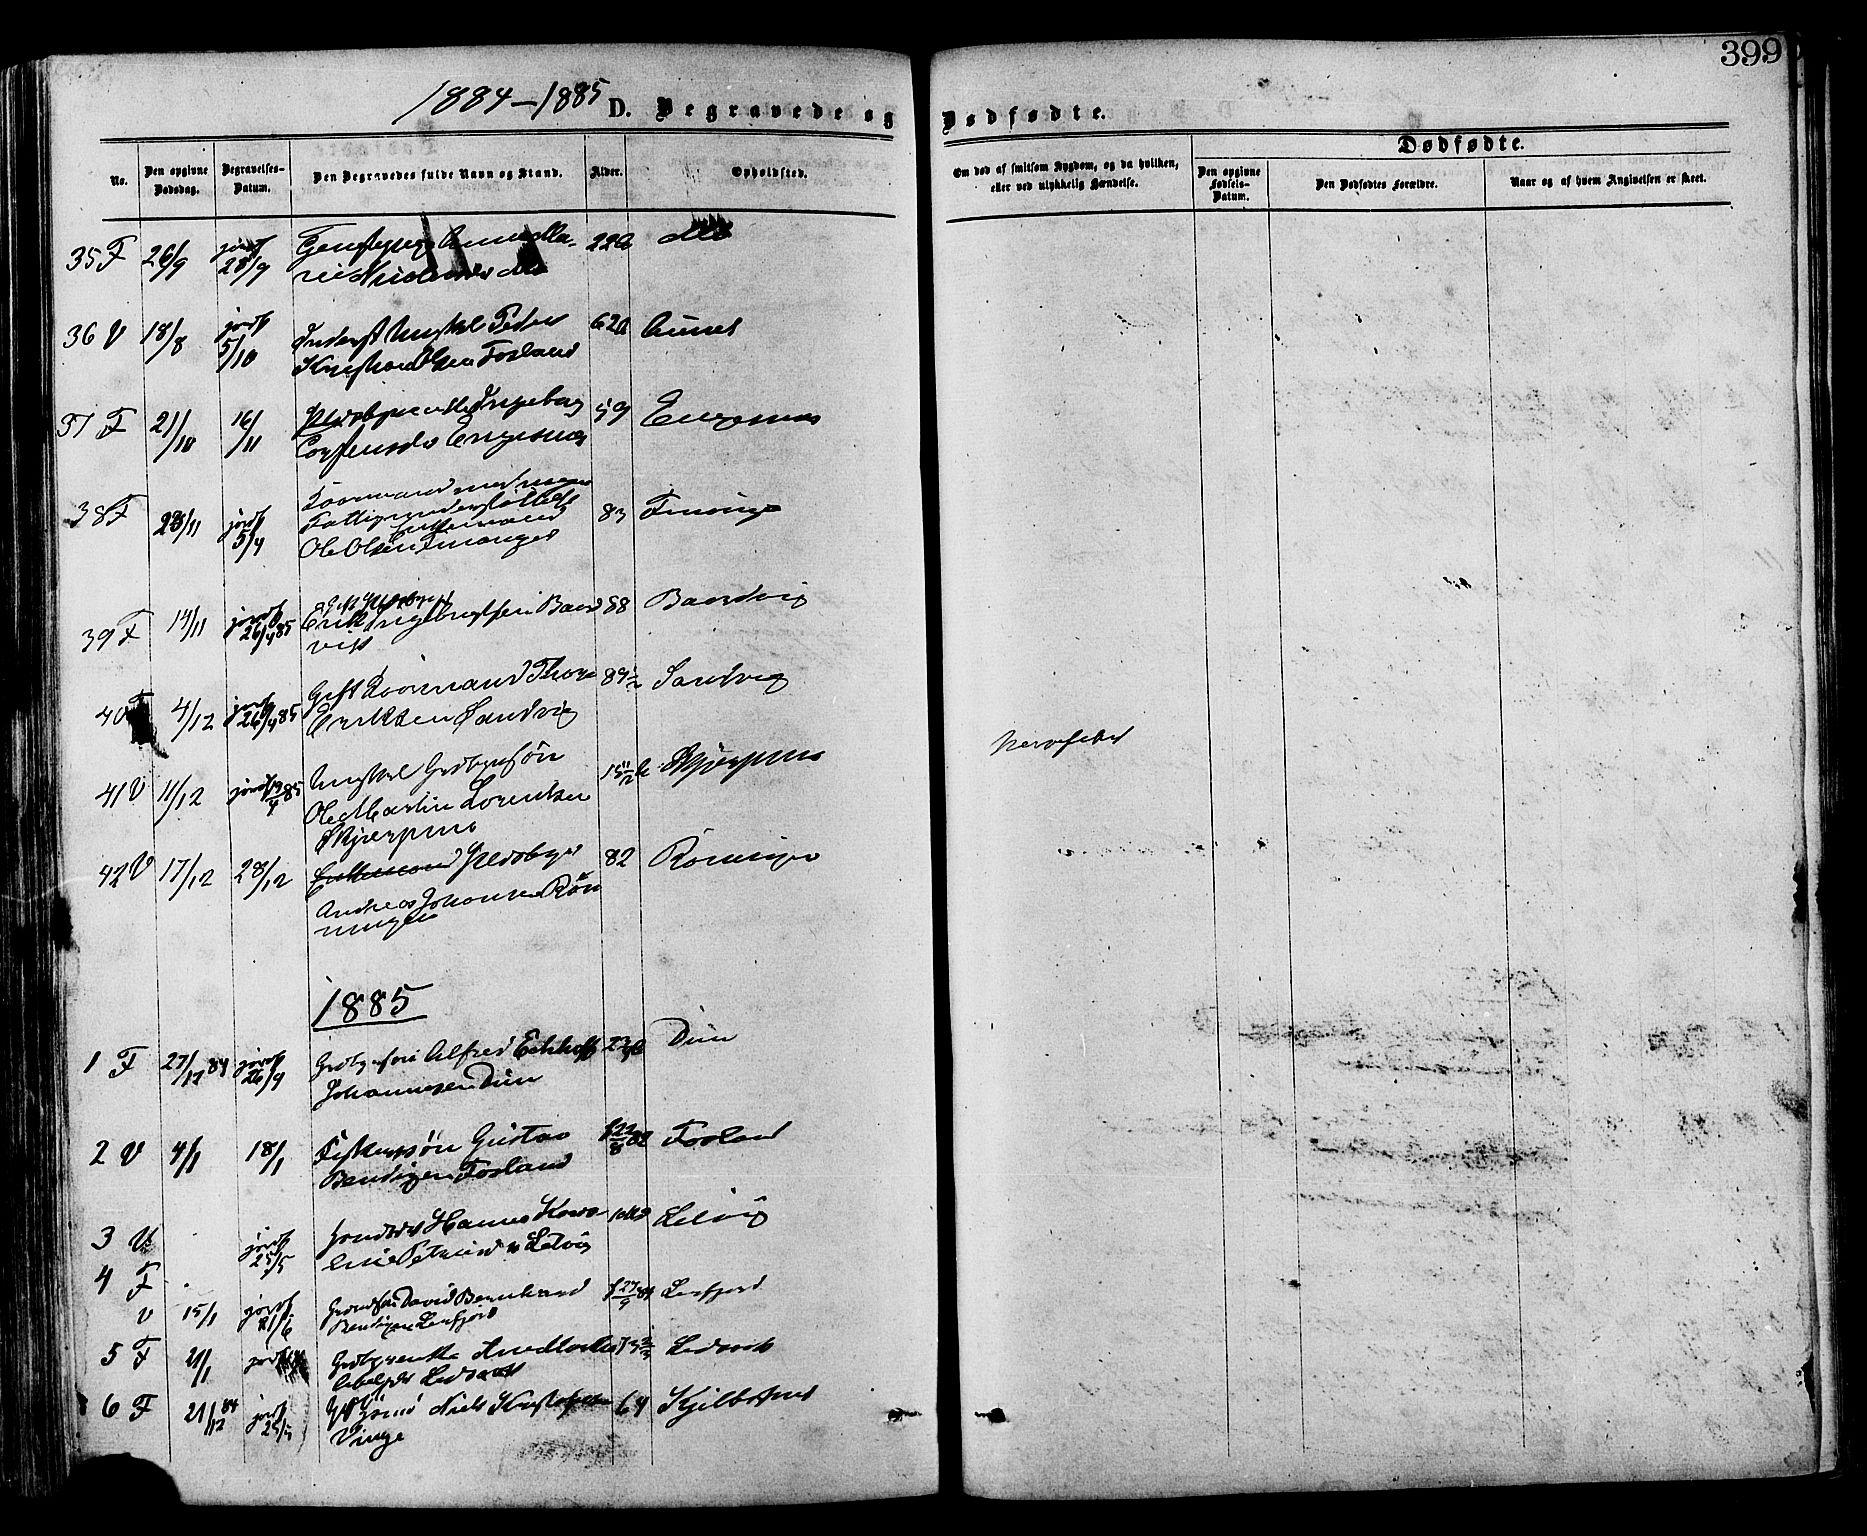 SAT, Ministerialprotokoller, klokkerbøker og fødselsregistre - Nord-Trøndelag, 773/L0616: Ministerialbok nr. 773A07, 1870-1887, s. 399